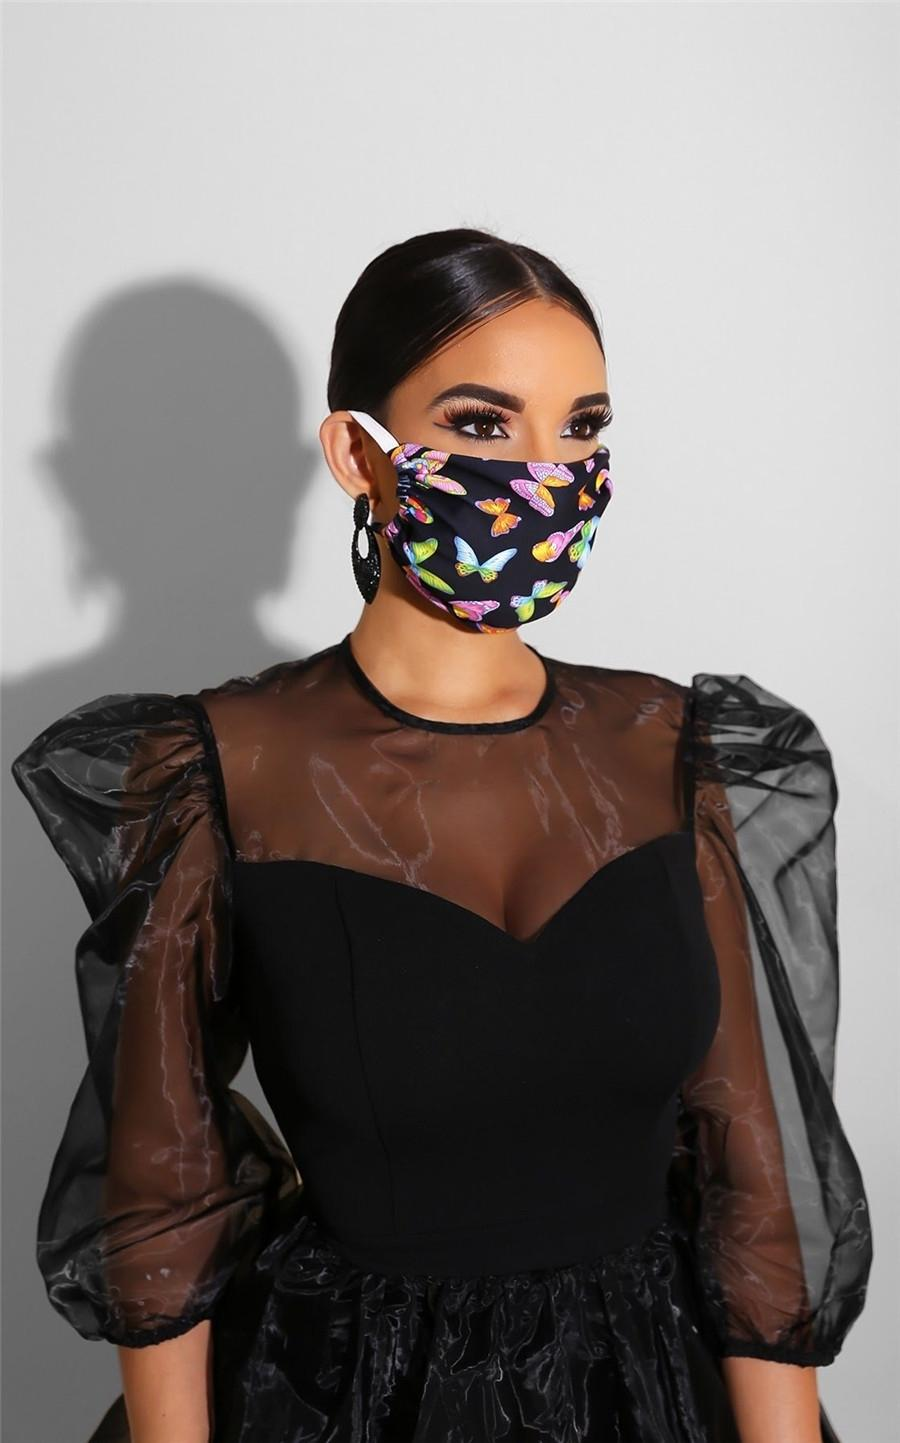 Máscara al aire libre 10pcs máscaras de calavera Deportes de Halloween cosplay cara reutilizable polvo caliente a prueba de viento Parte festiva de algodón Máscaras # 982